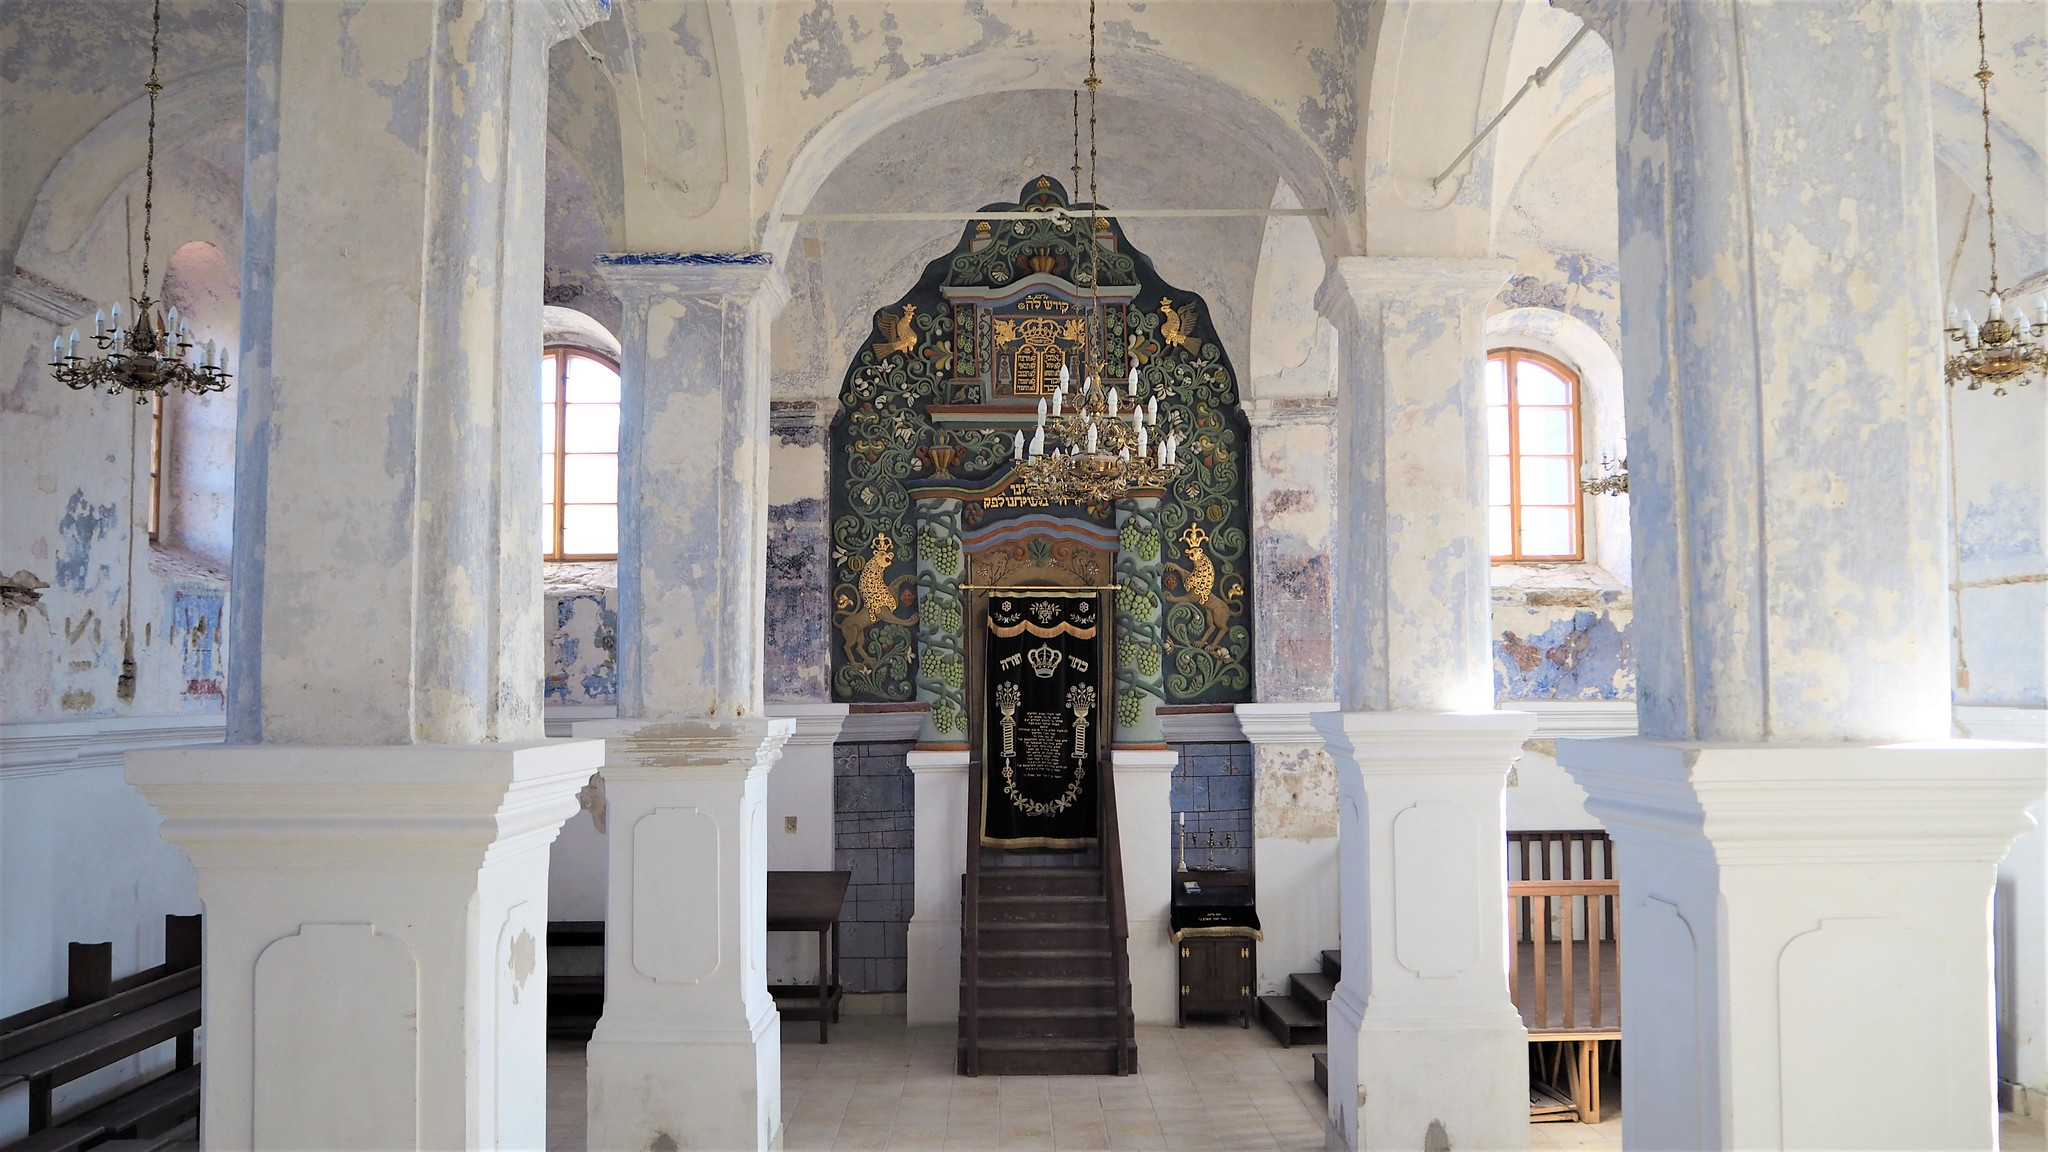 Synagoga w Bobowej, fot. K. Fidyk MIK 2019